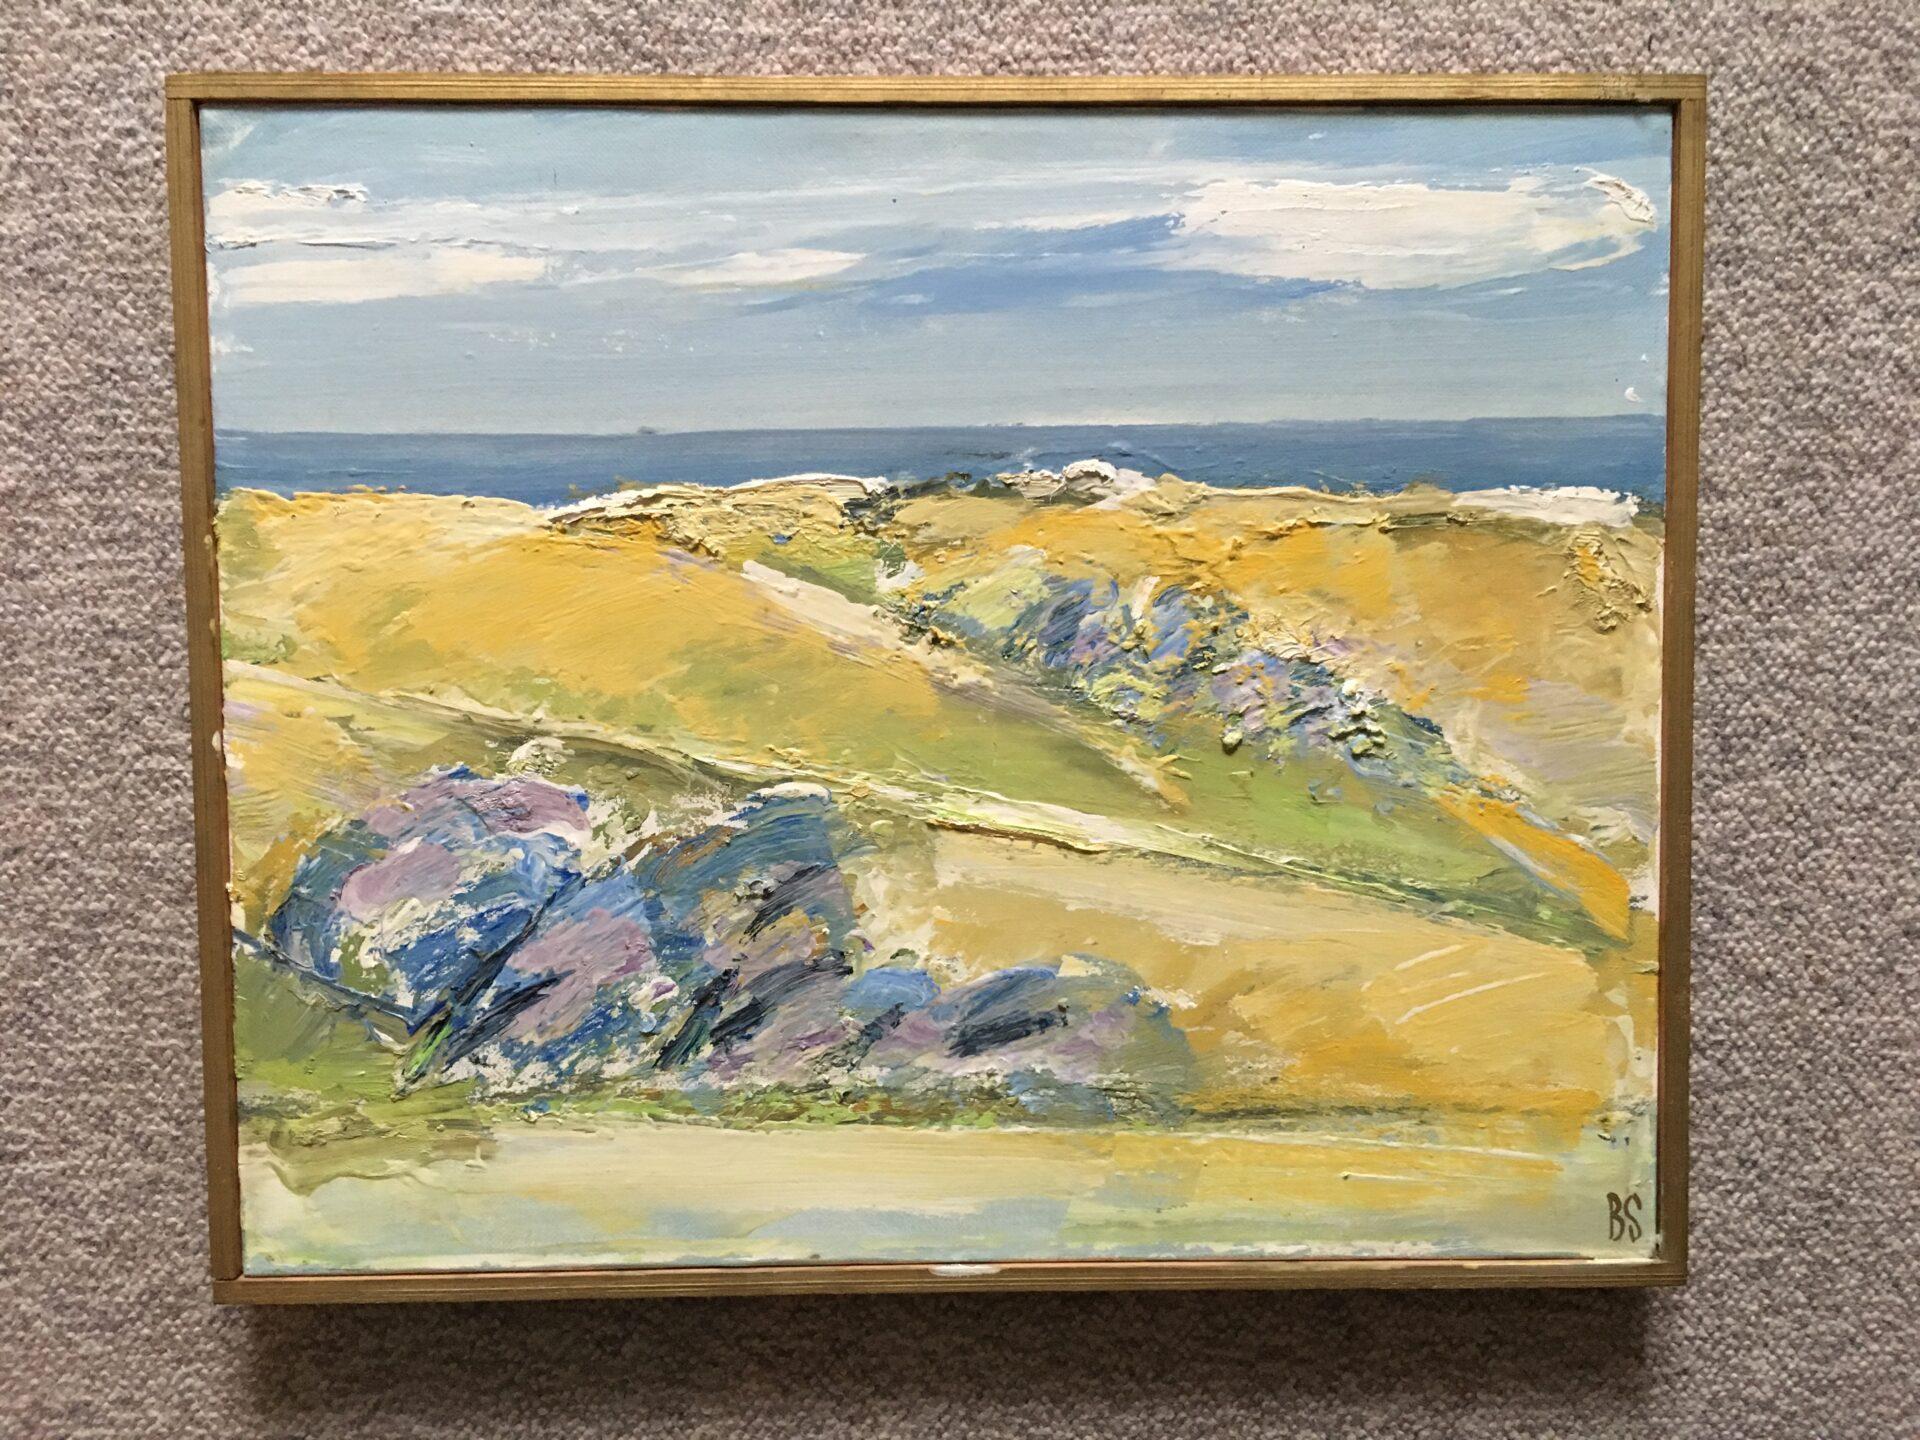 Maleri af Bendt Schneevoigt, rammemål 42x54 cm, pris 700 kr